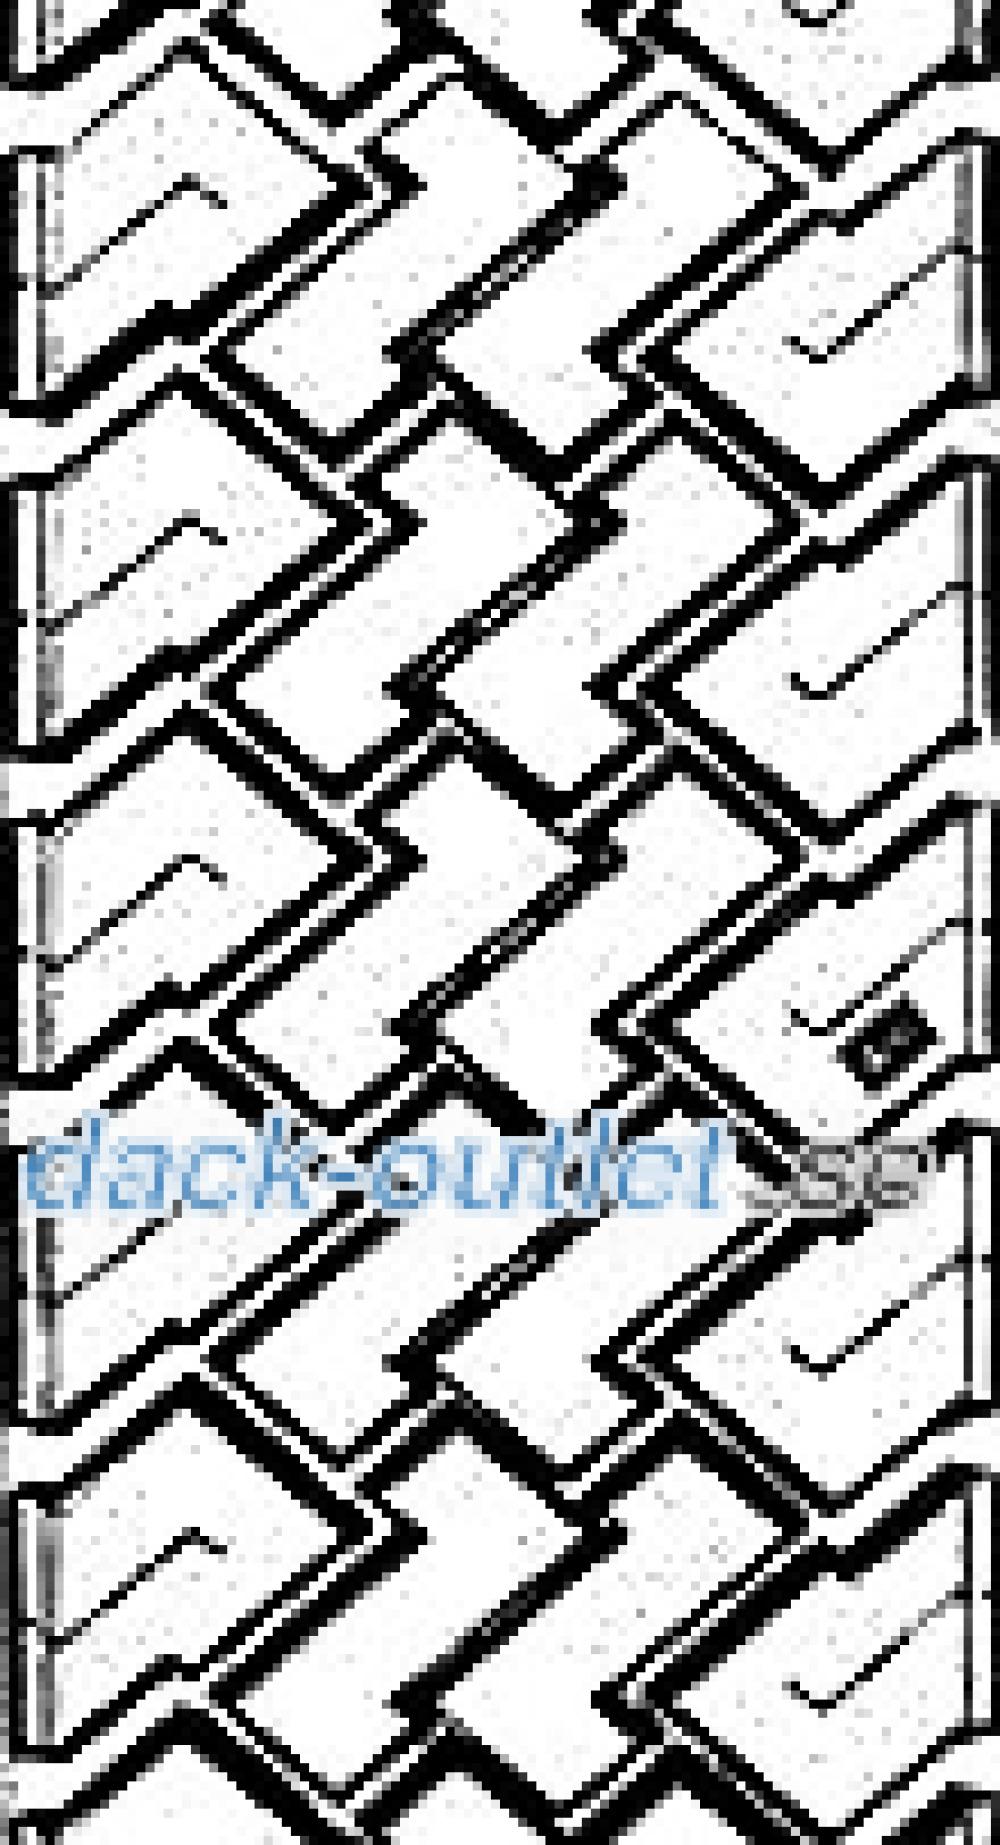 Kaltrunderneuerung LZT ( 285/70 R19.5 132/130M Karkassqualität FV, regummerad )